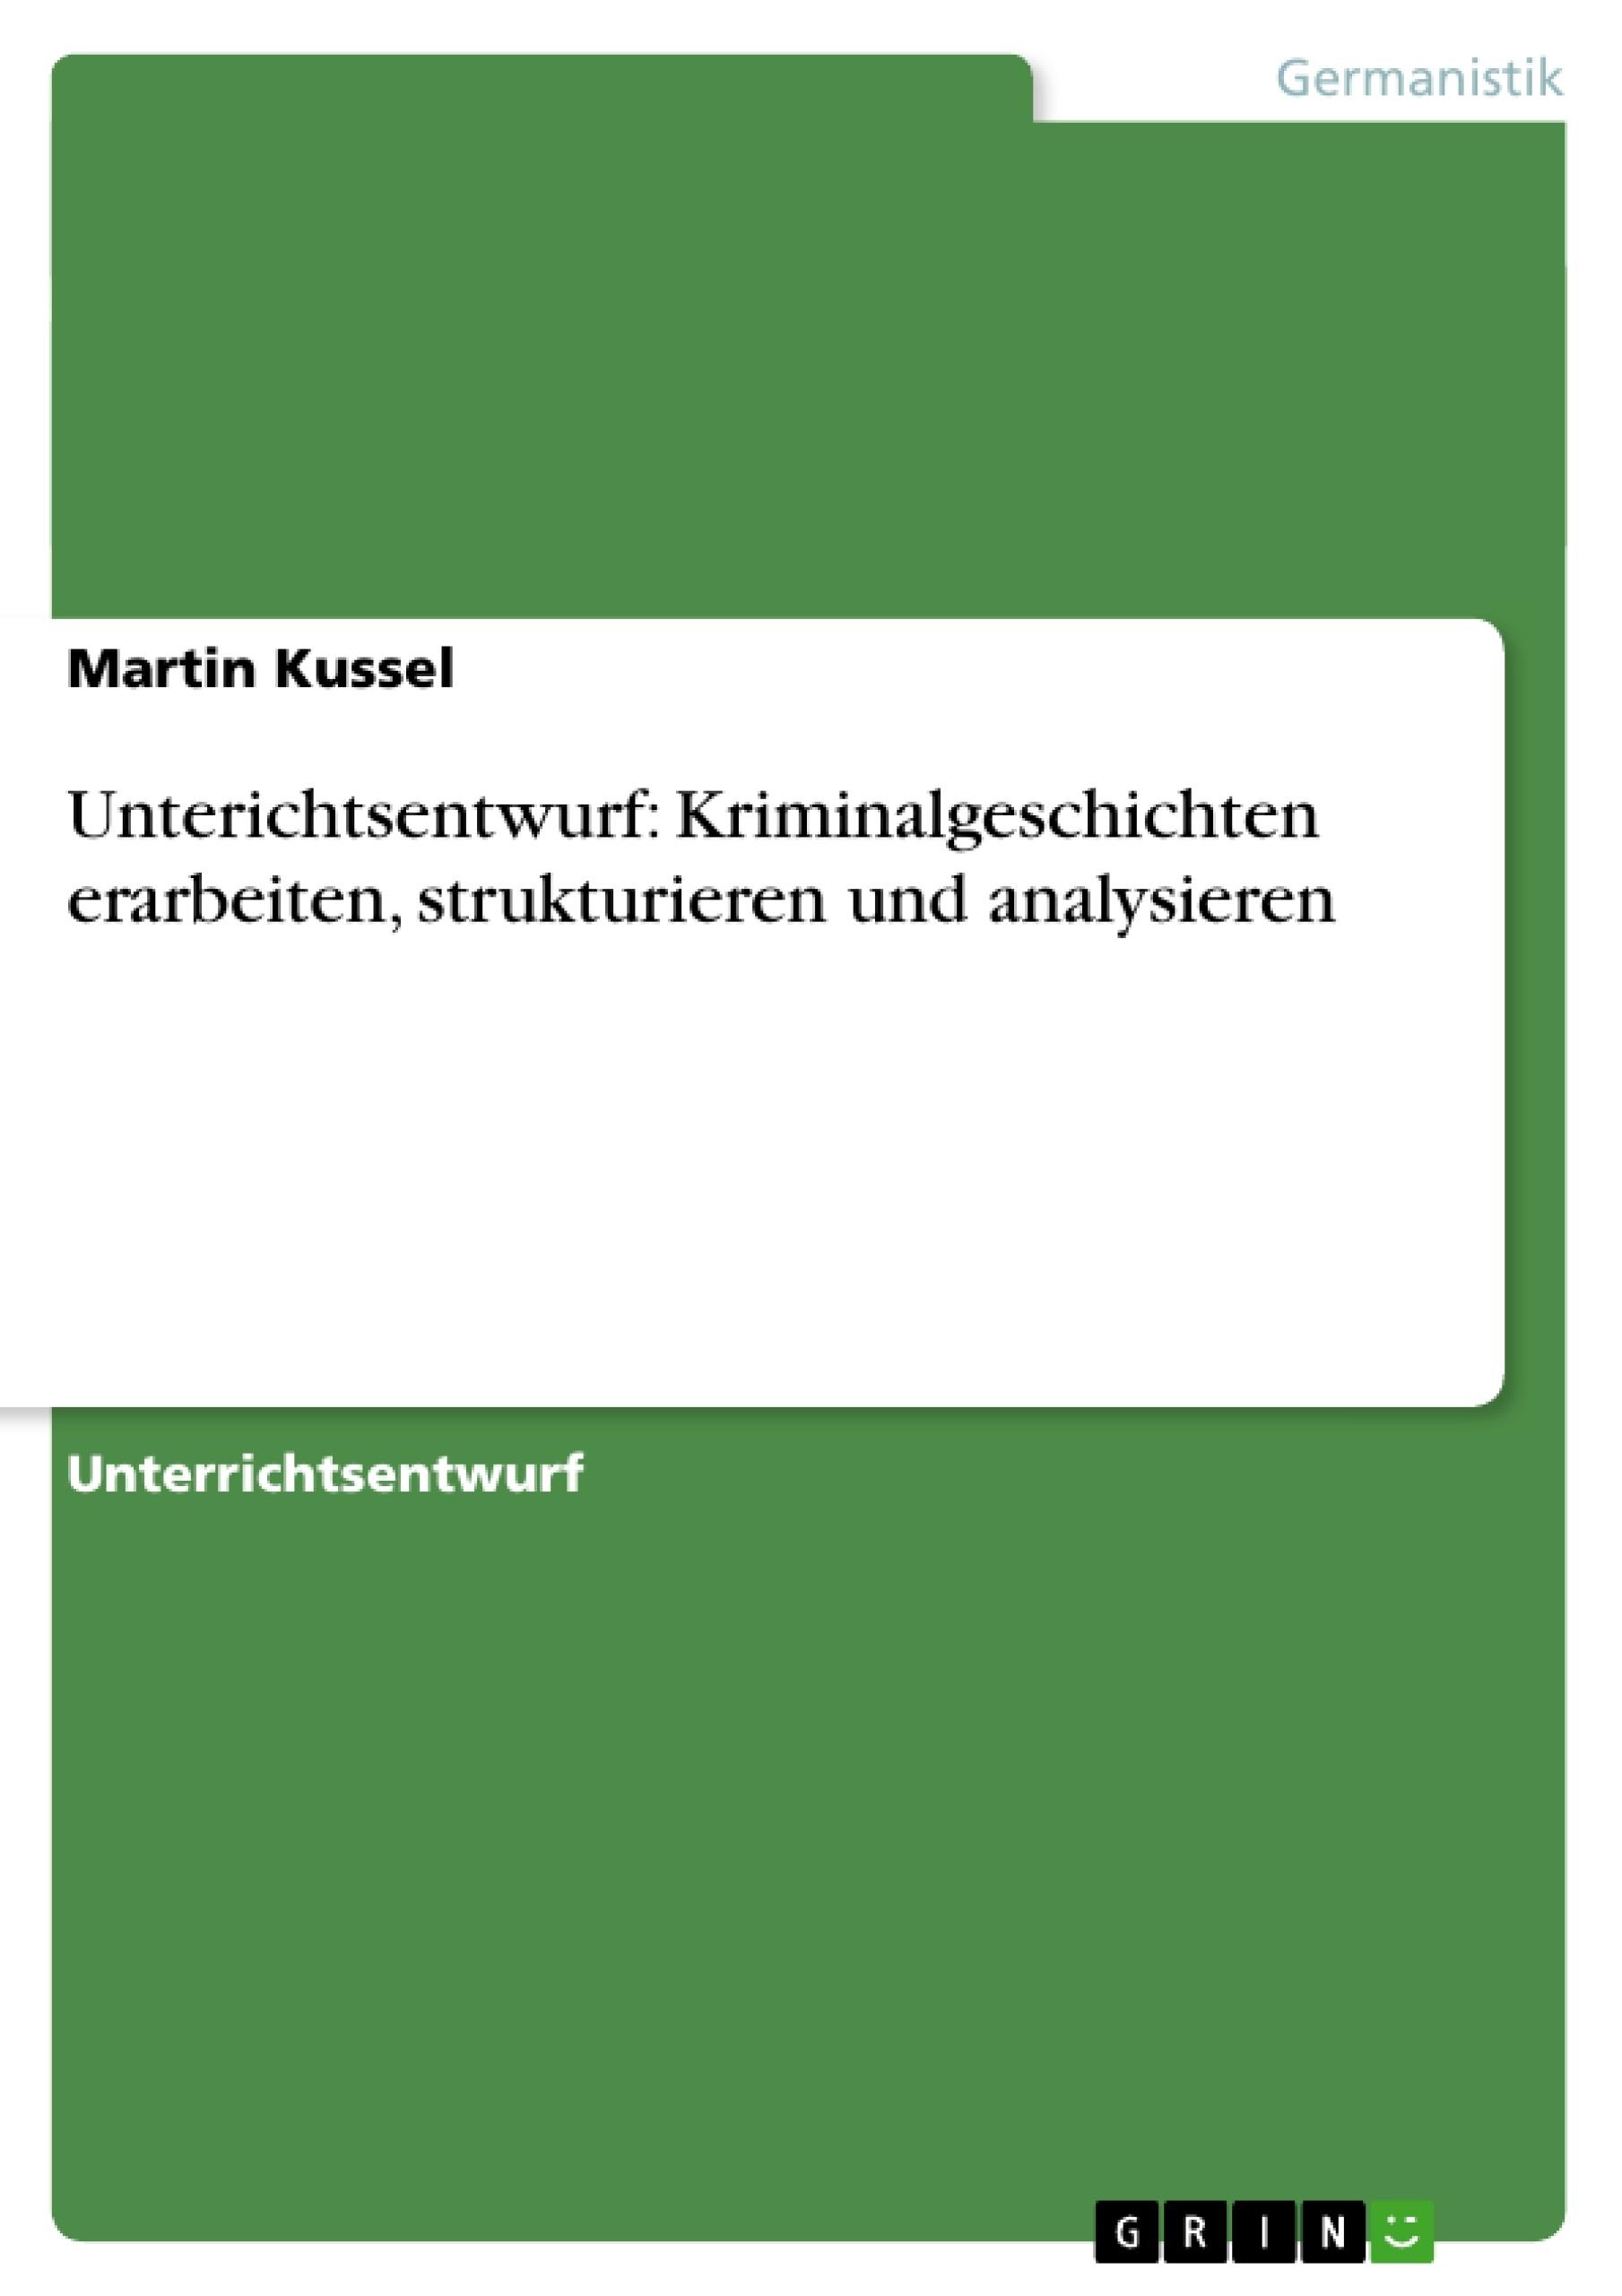 Titel: Unterichtsentwurf: Kriminalgeschichten erarbeiten, strukturieren und analysieren